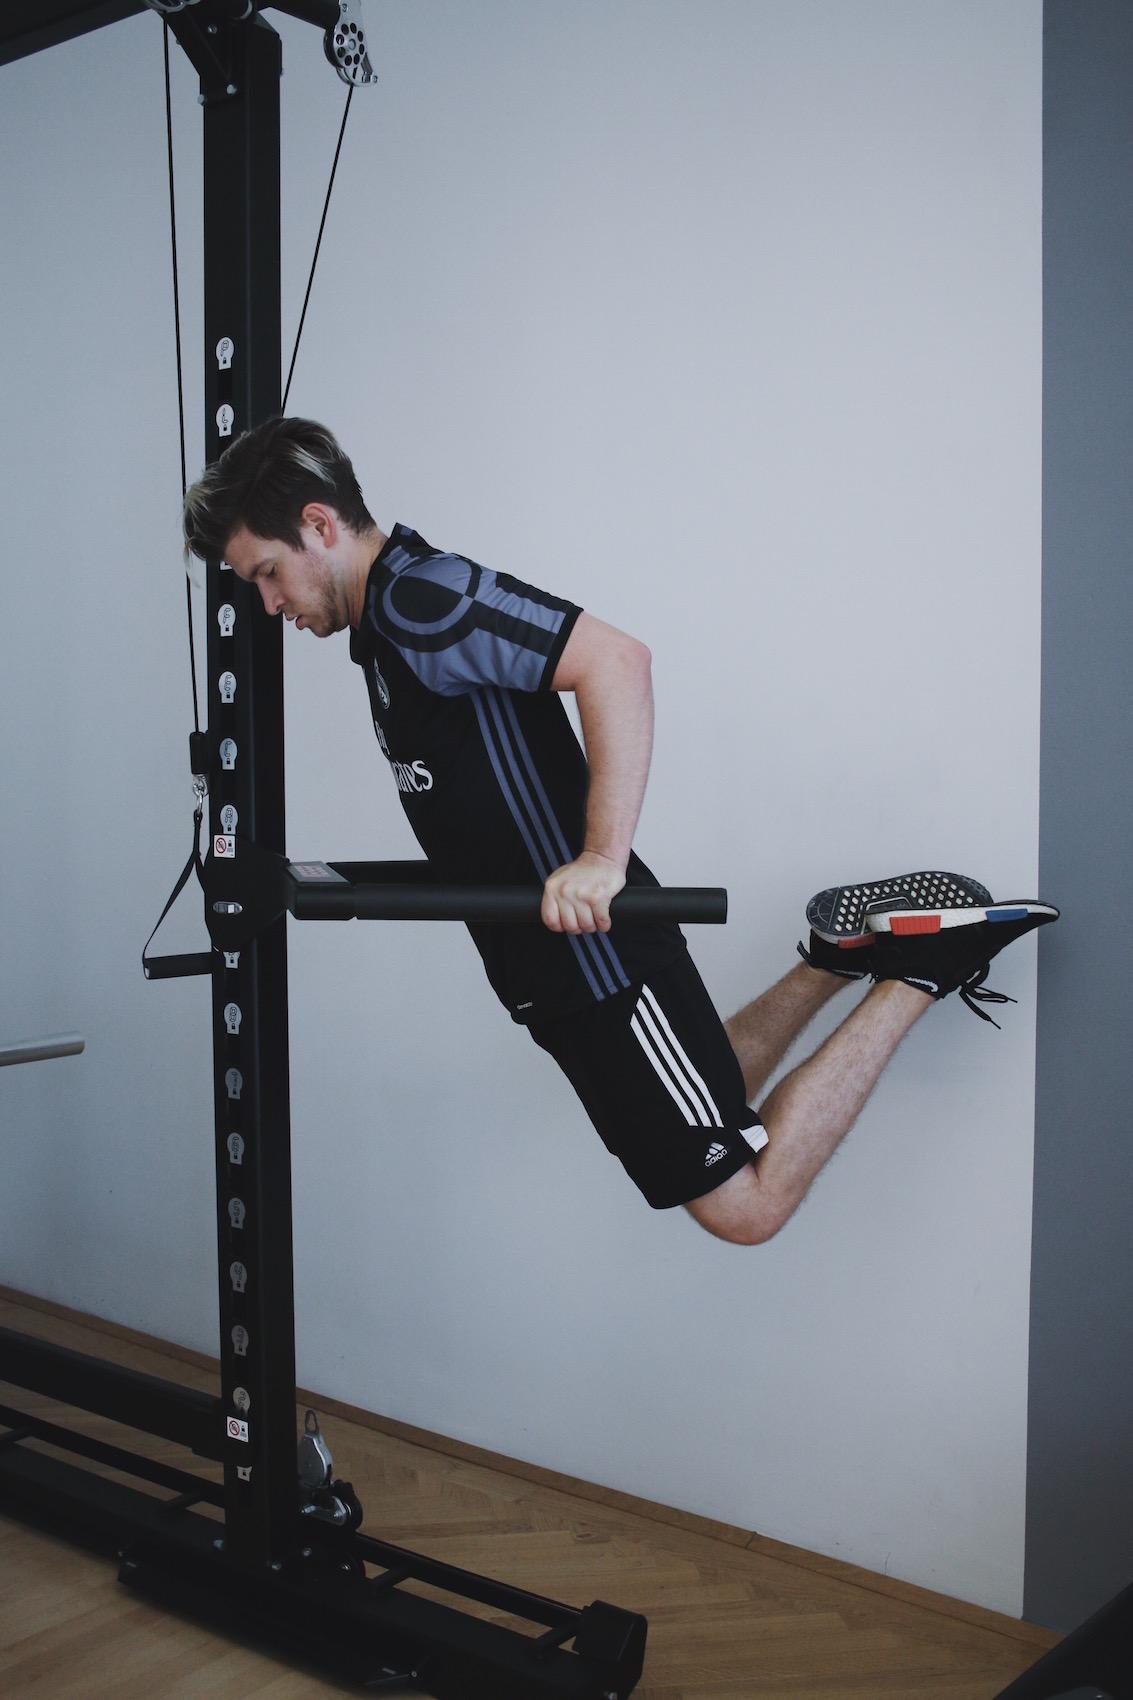 Brusttraining mit eigenem Körpergewicht_Liegestützen und Dips richtig machen_Meanwhile in Awesometown_Wiener Männermode und Lifestyle Blogger4